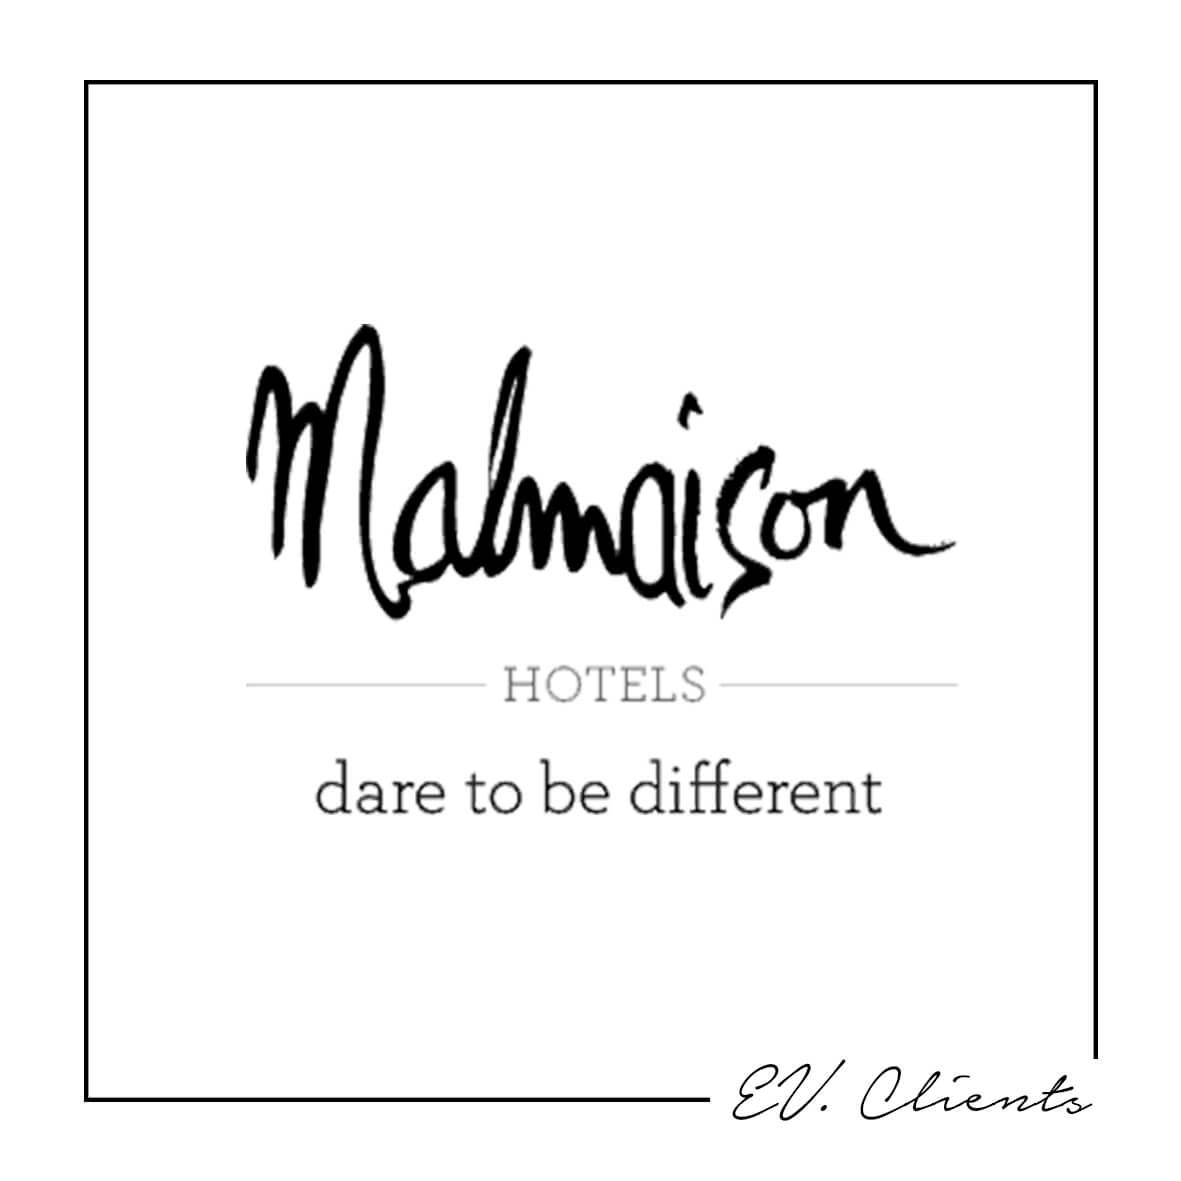 Malmaison, Malmaison Hotels